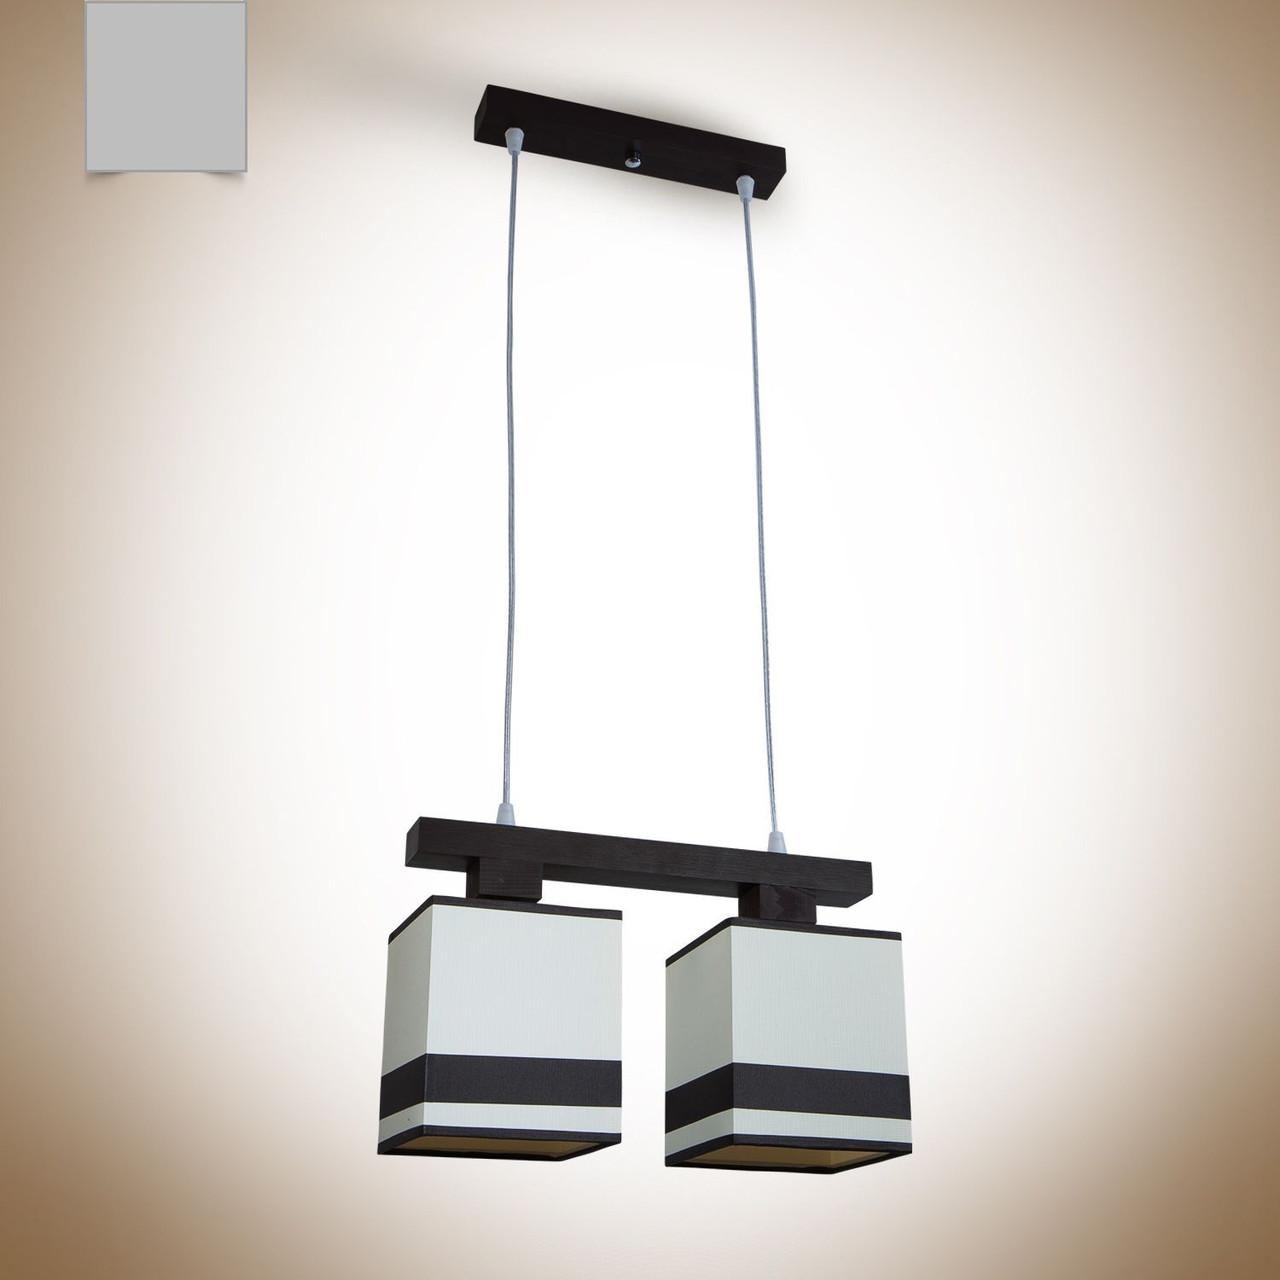 Люстра для высоких потолков с абажурами 19122-1